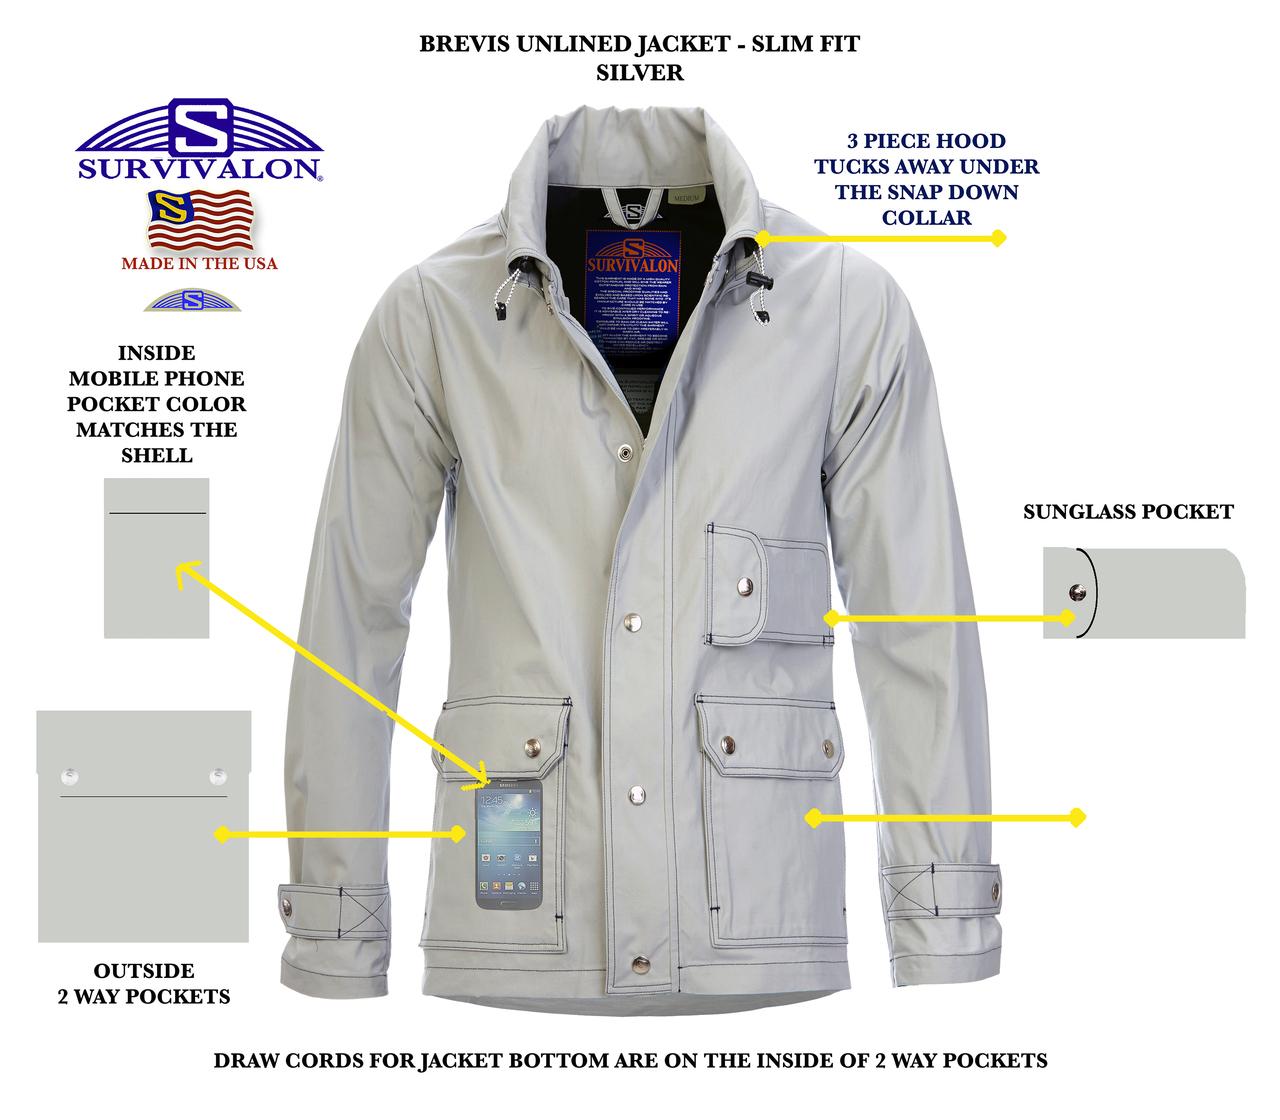 slv-buj-jkt-details-38263.1407176889.1280.1280.jpg